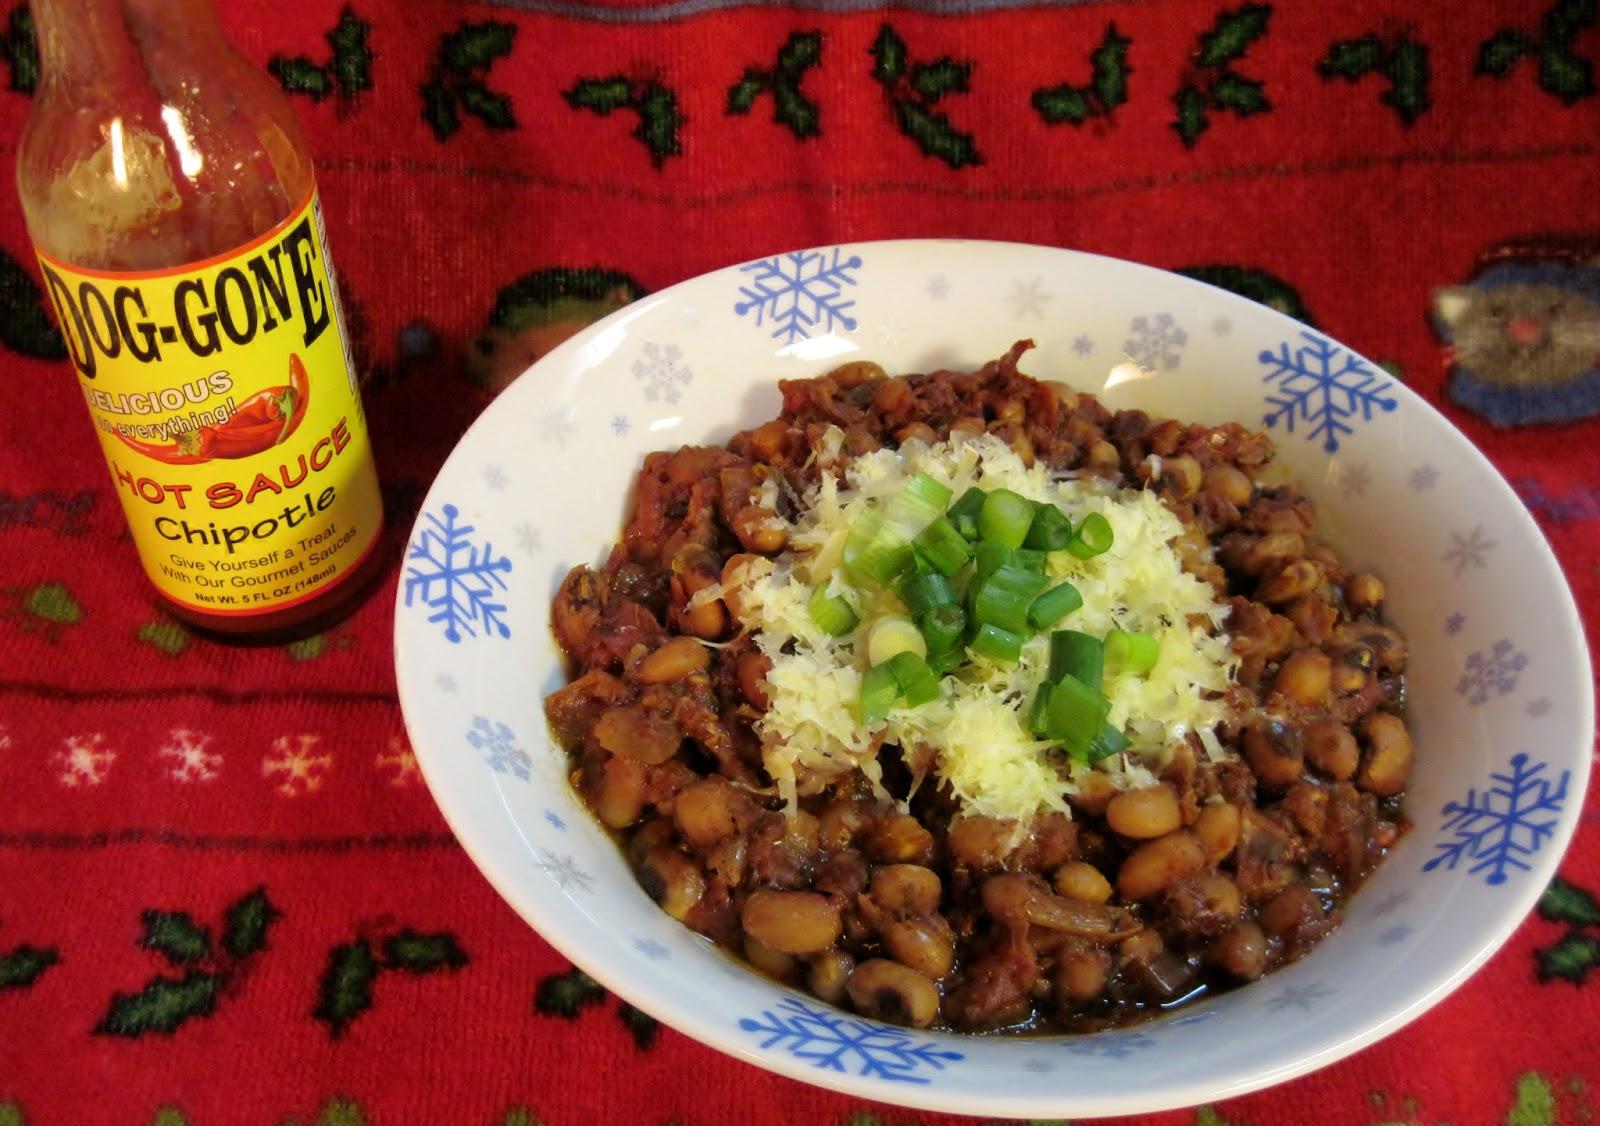 Carolina Sauce Company Smoky Spicy Black Eyed Pea Chili